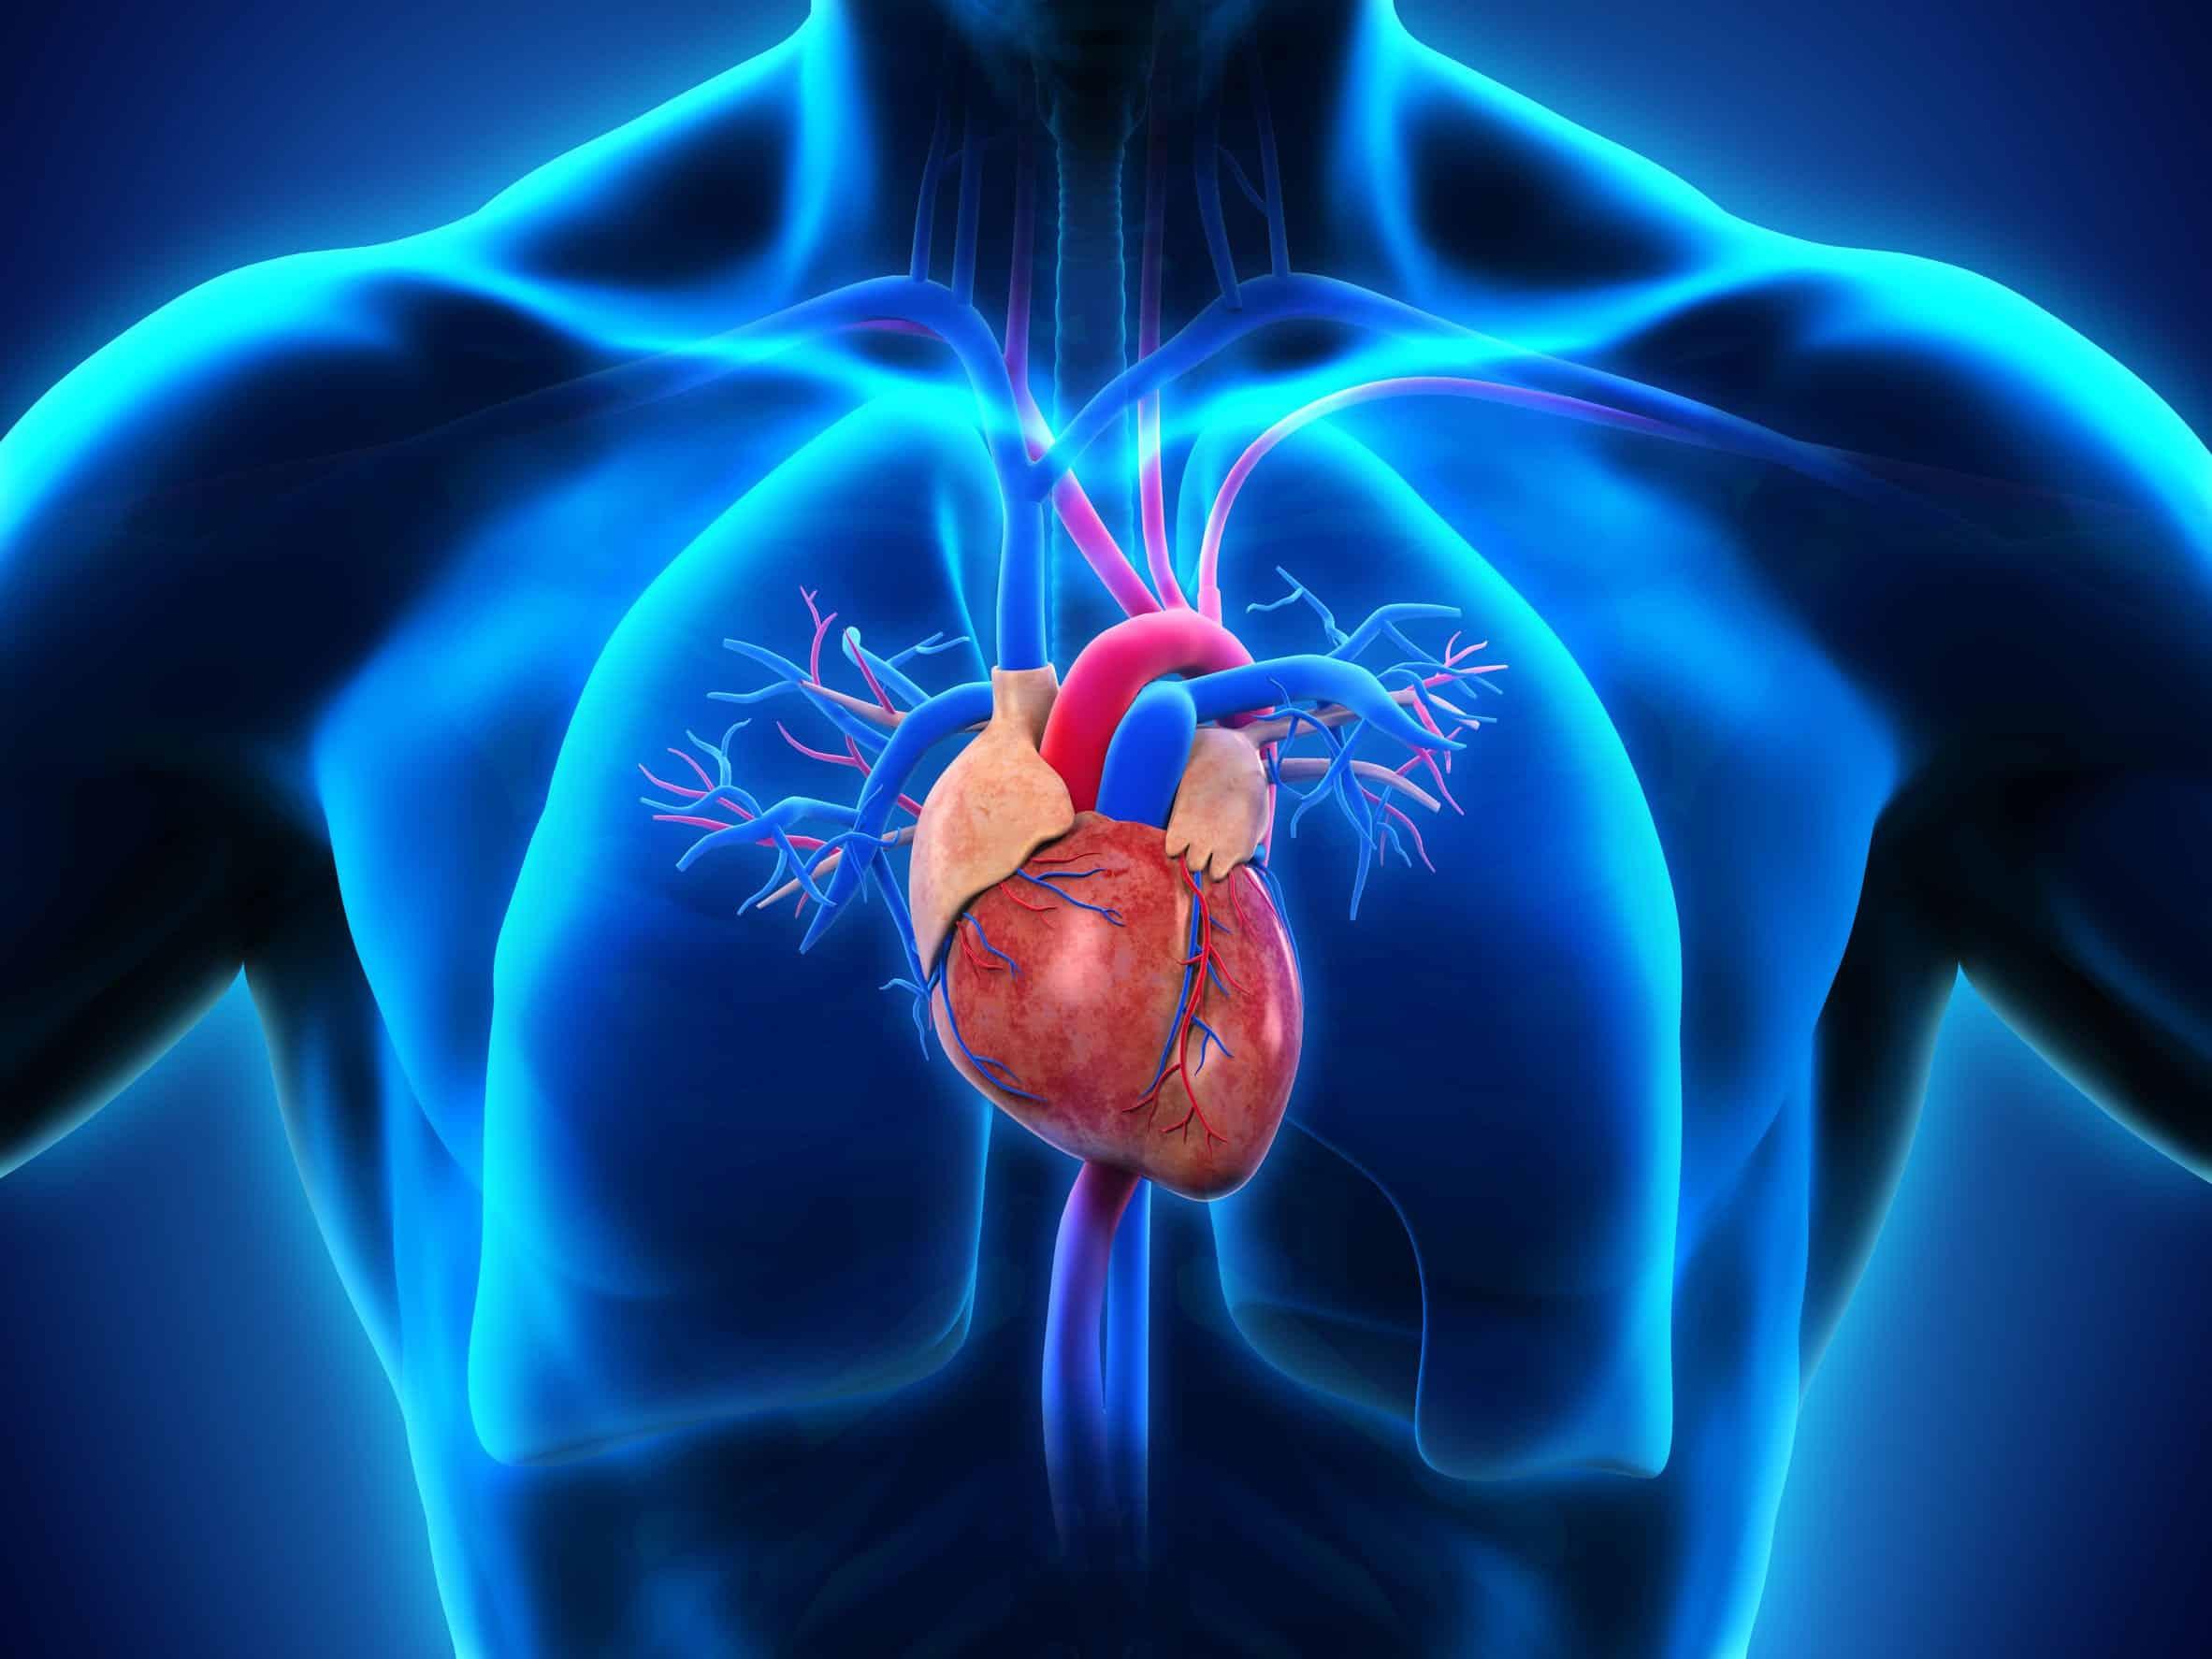 Medium-Chain Triglycerides | LCR Health